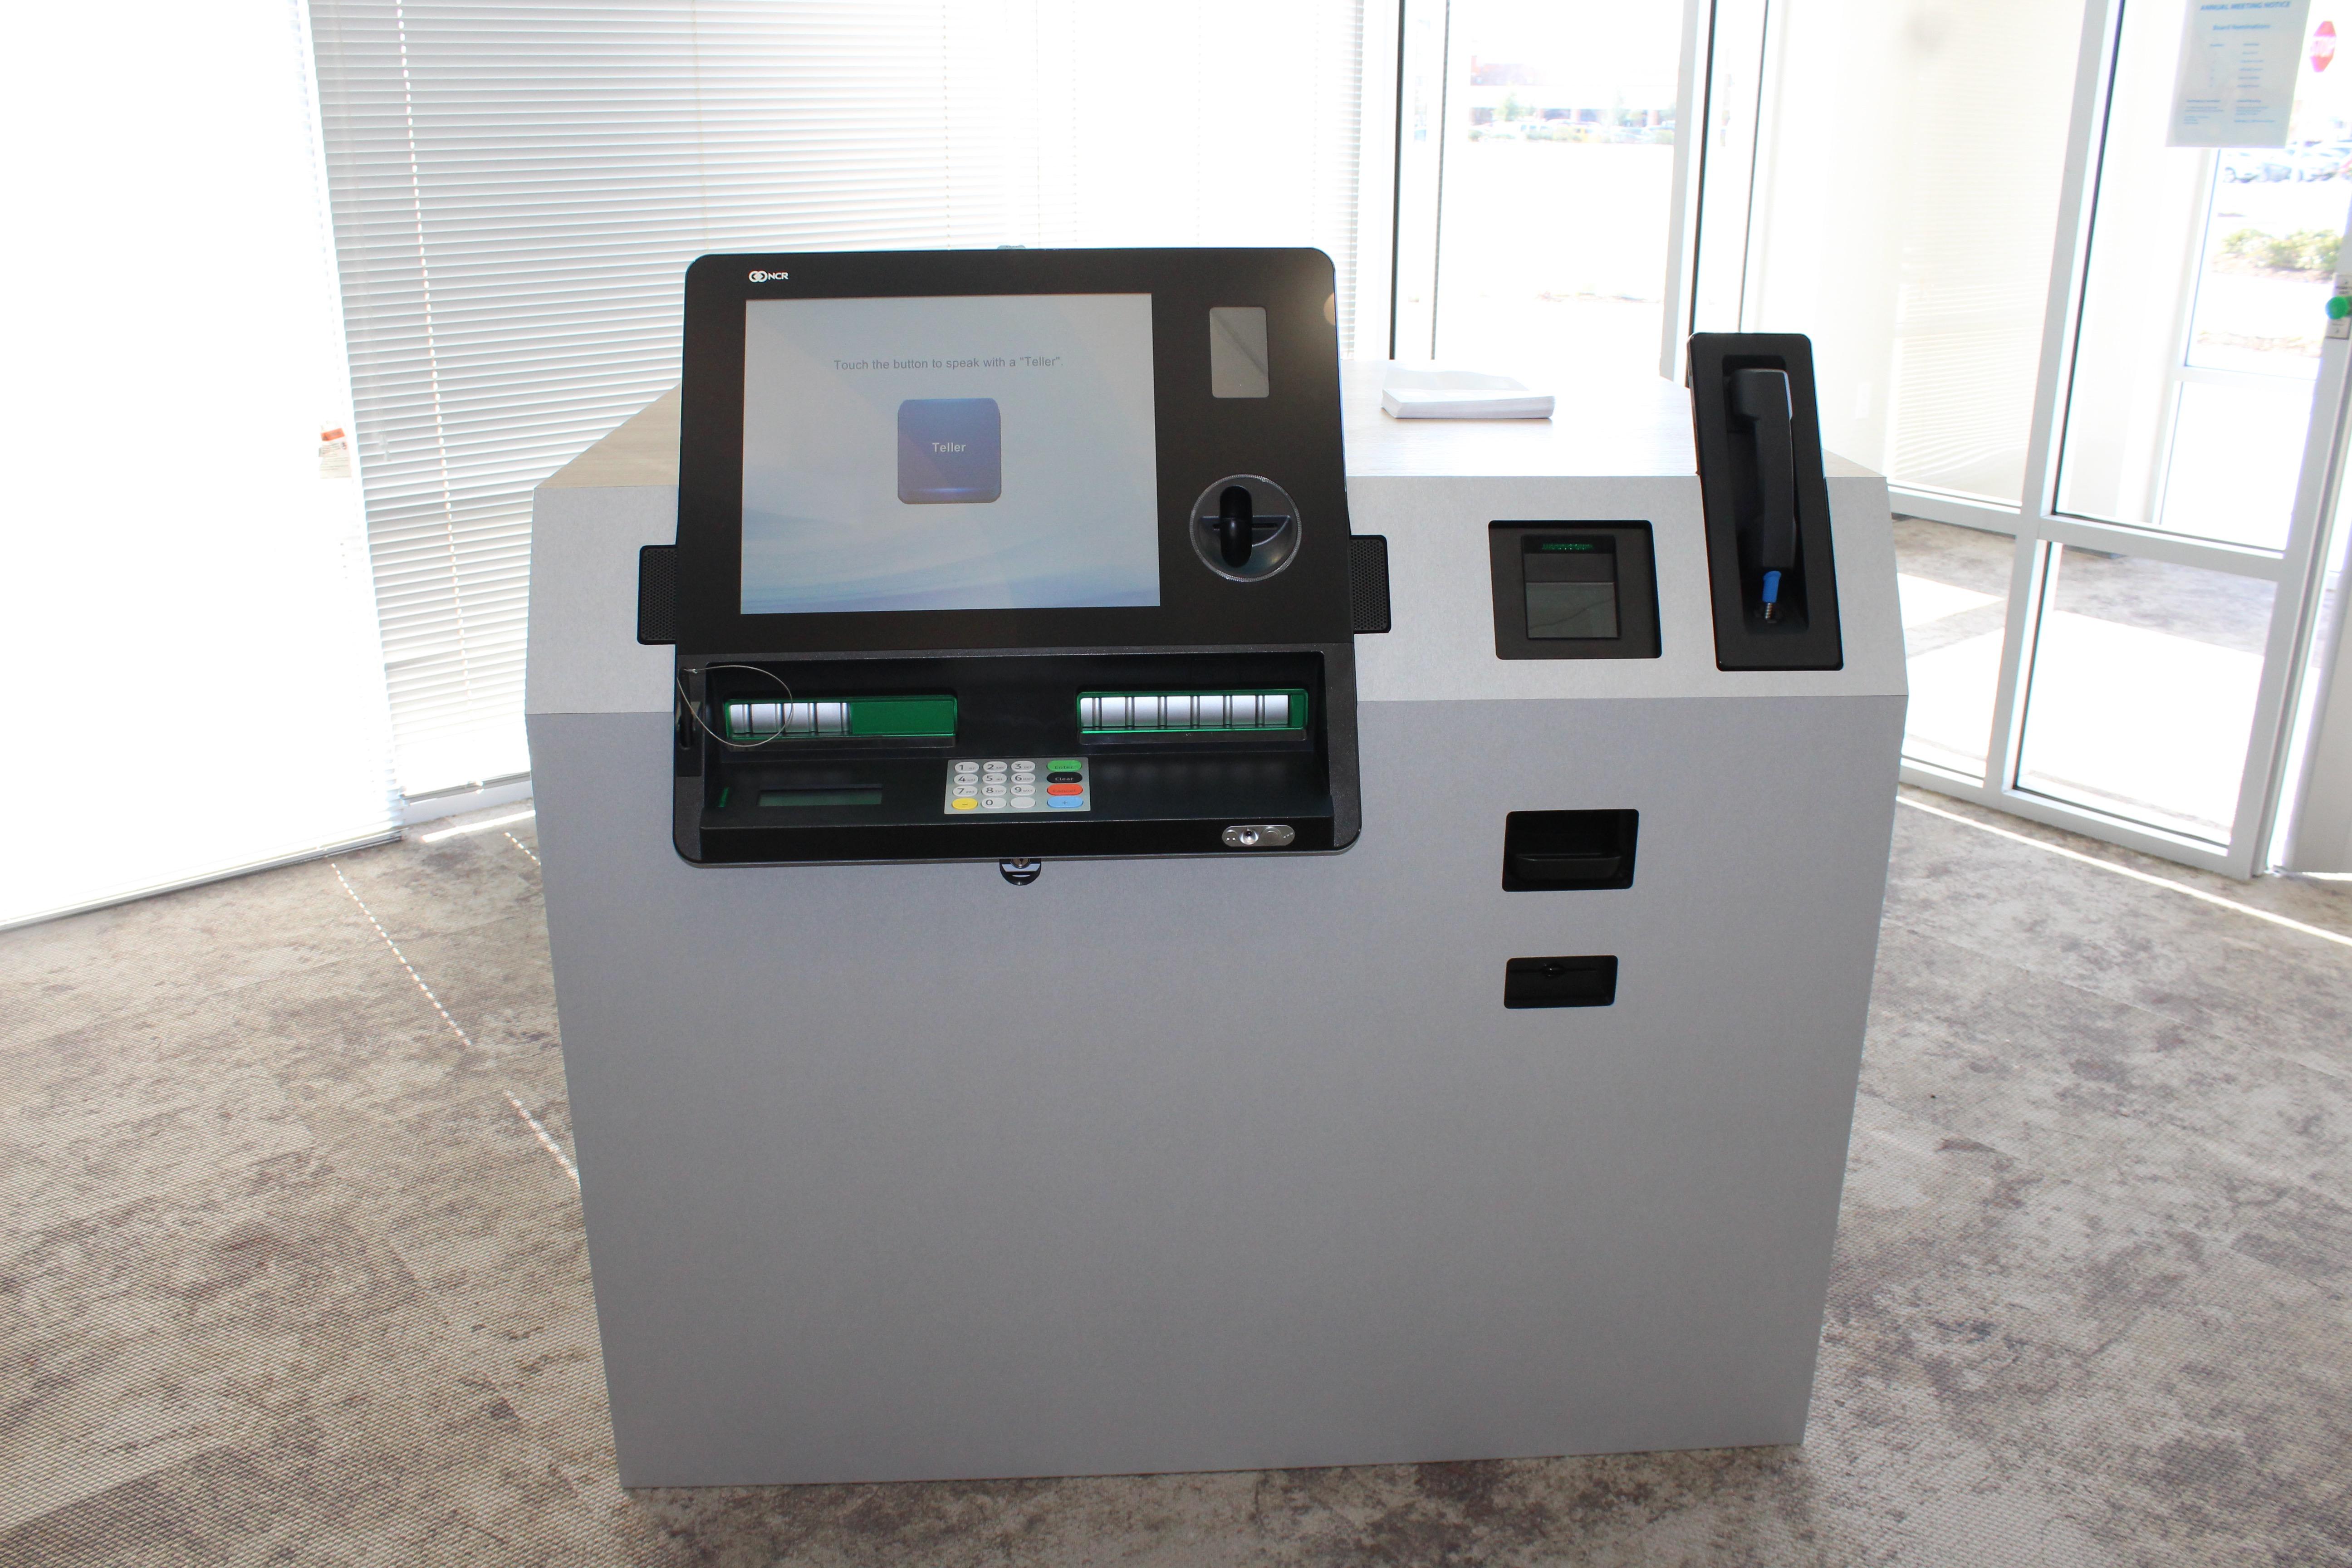 Interactive Teller Machine